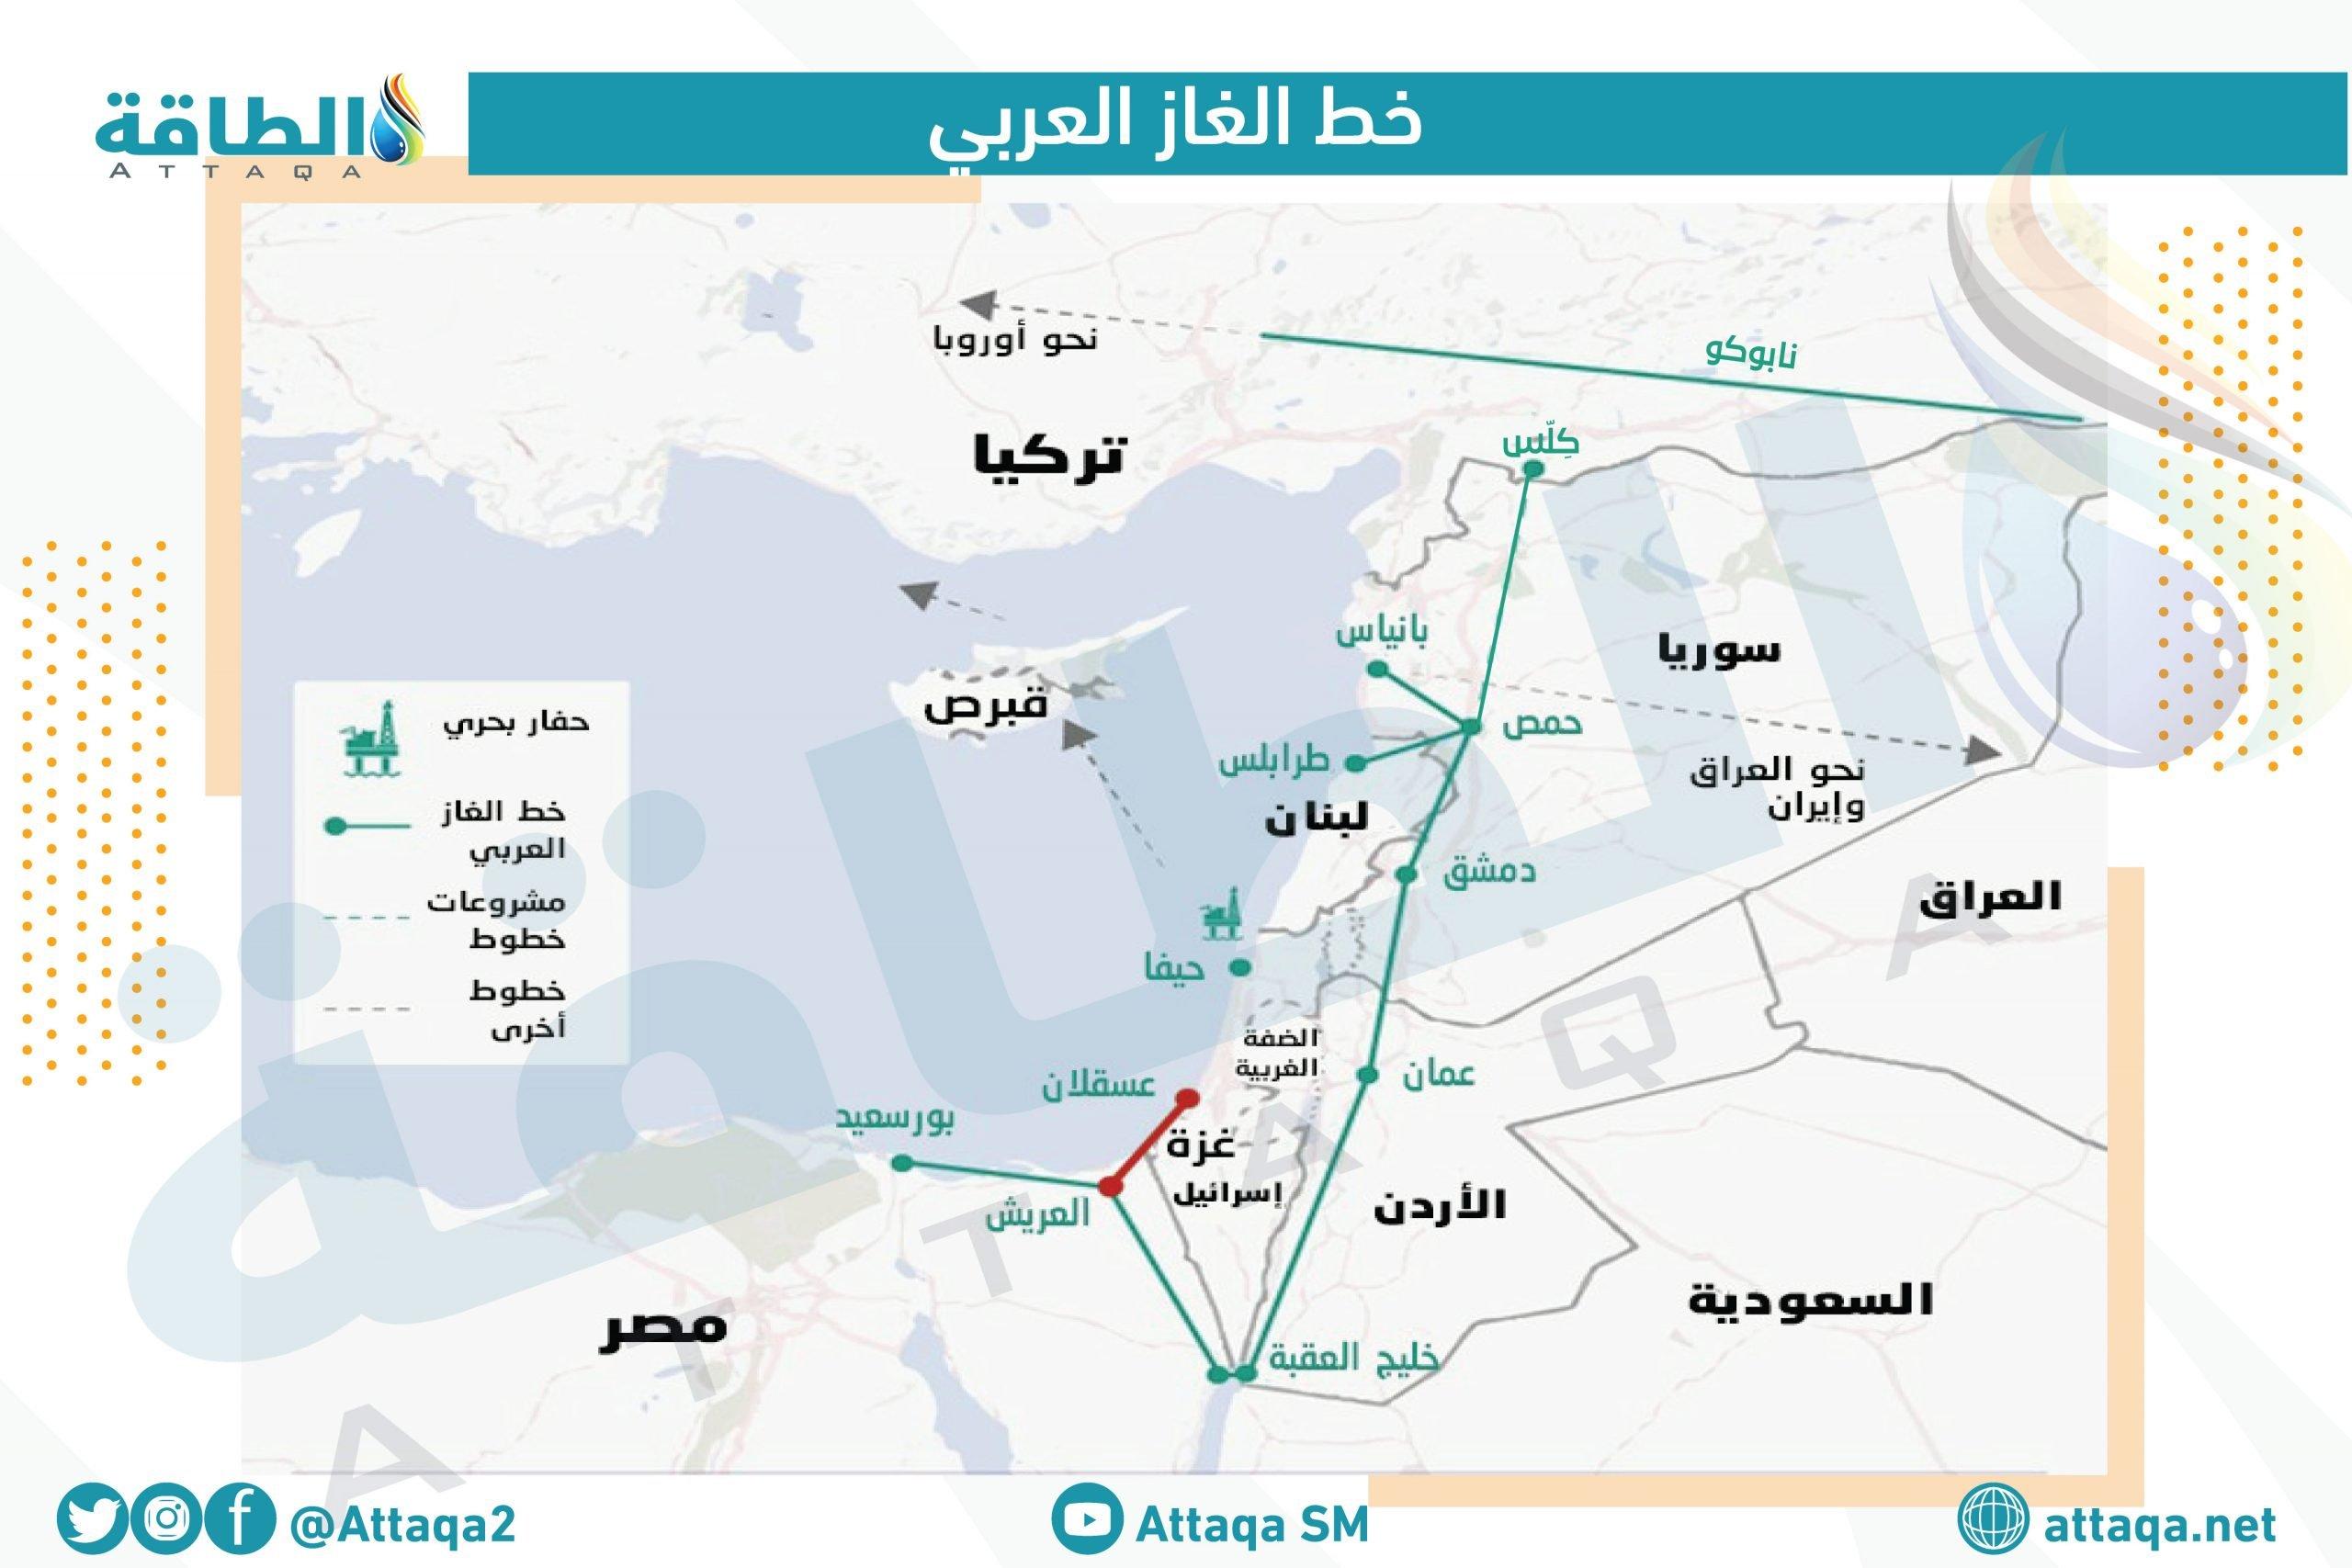 الغاز المصري - خريطة خط الغاز العربي